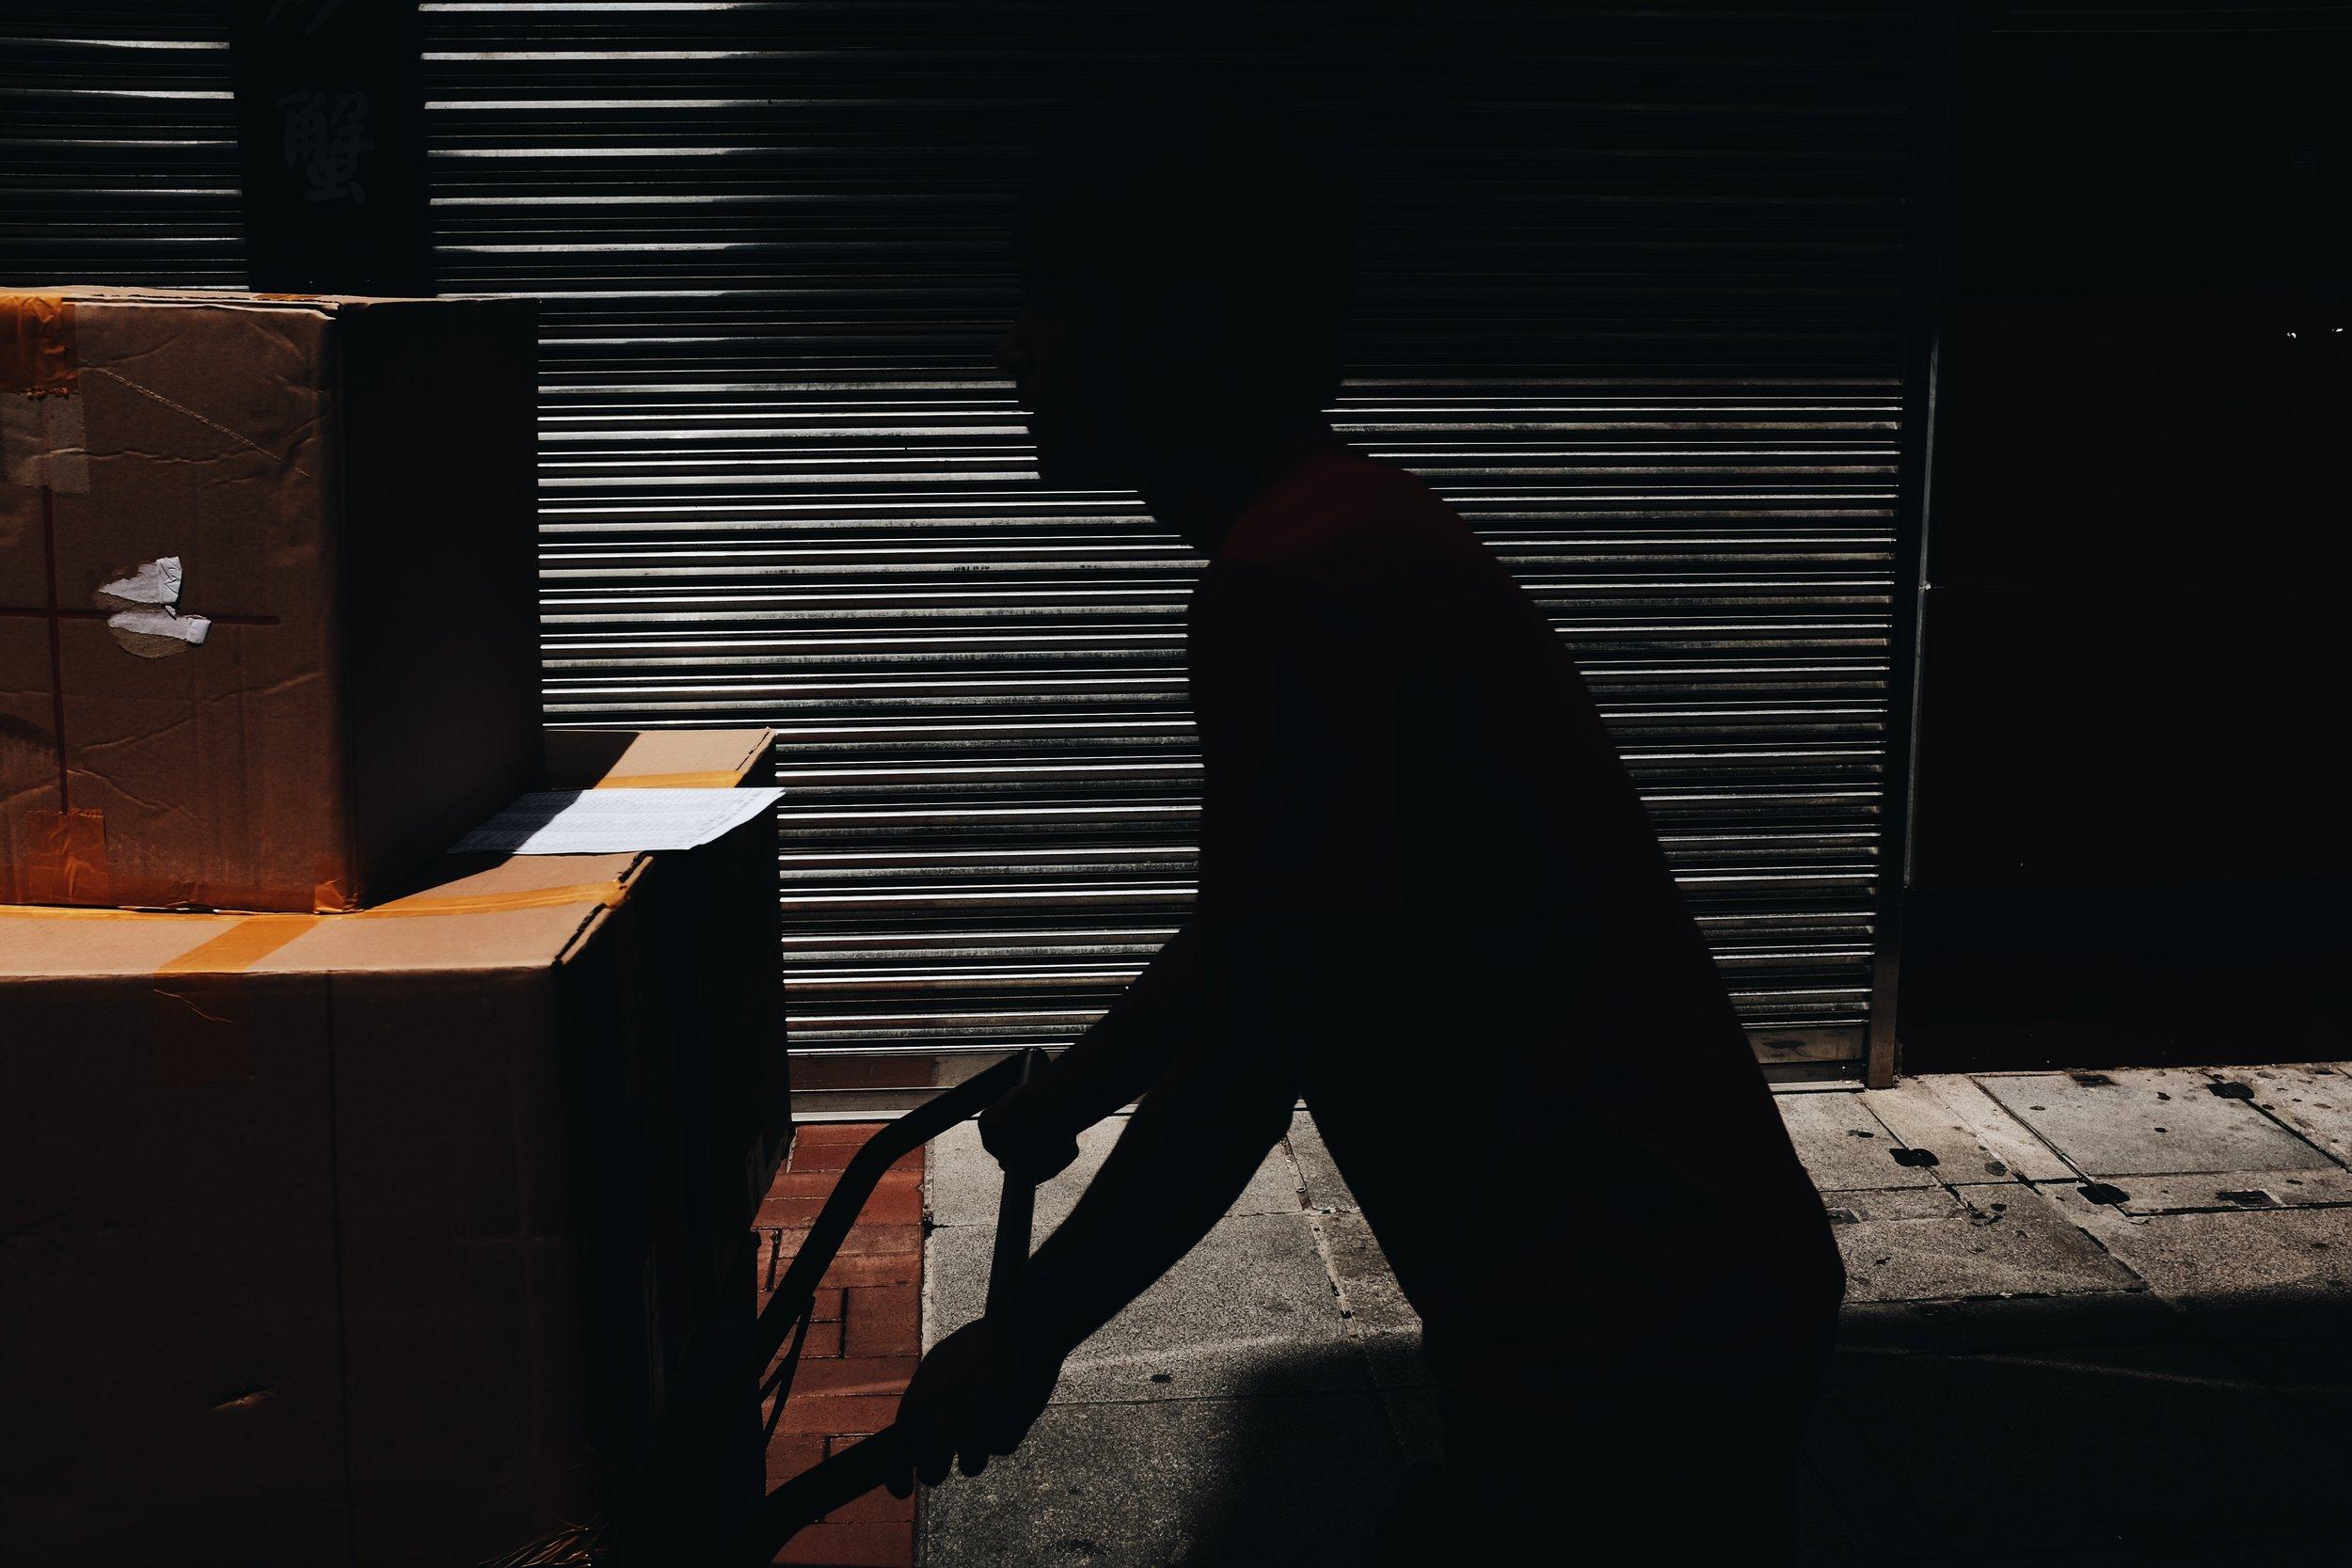 maique-madeira-256088-unsplash.jpg